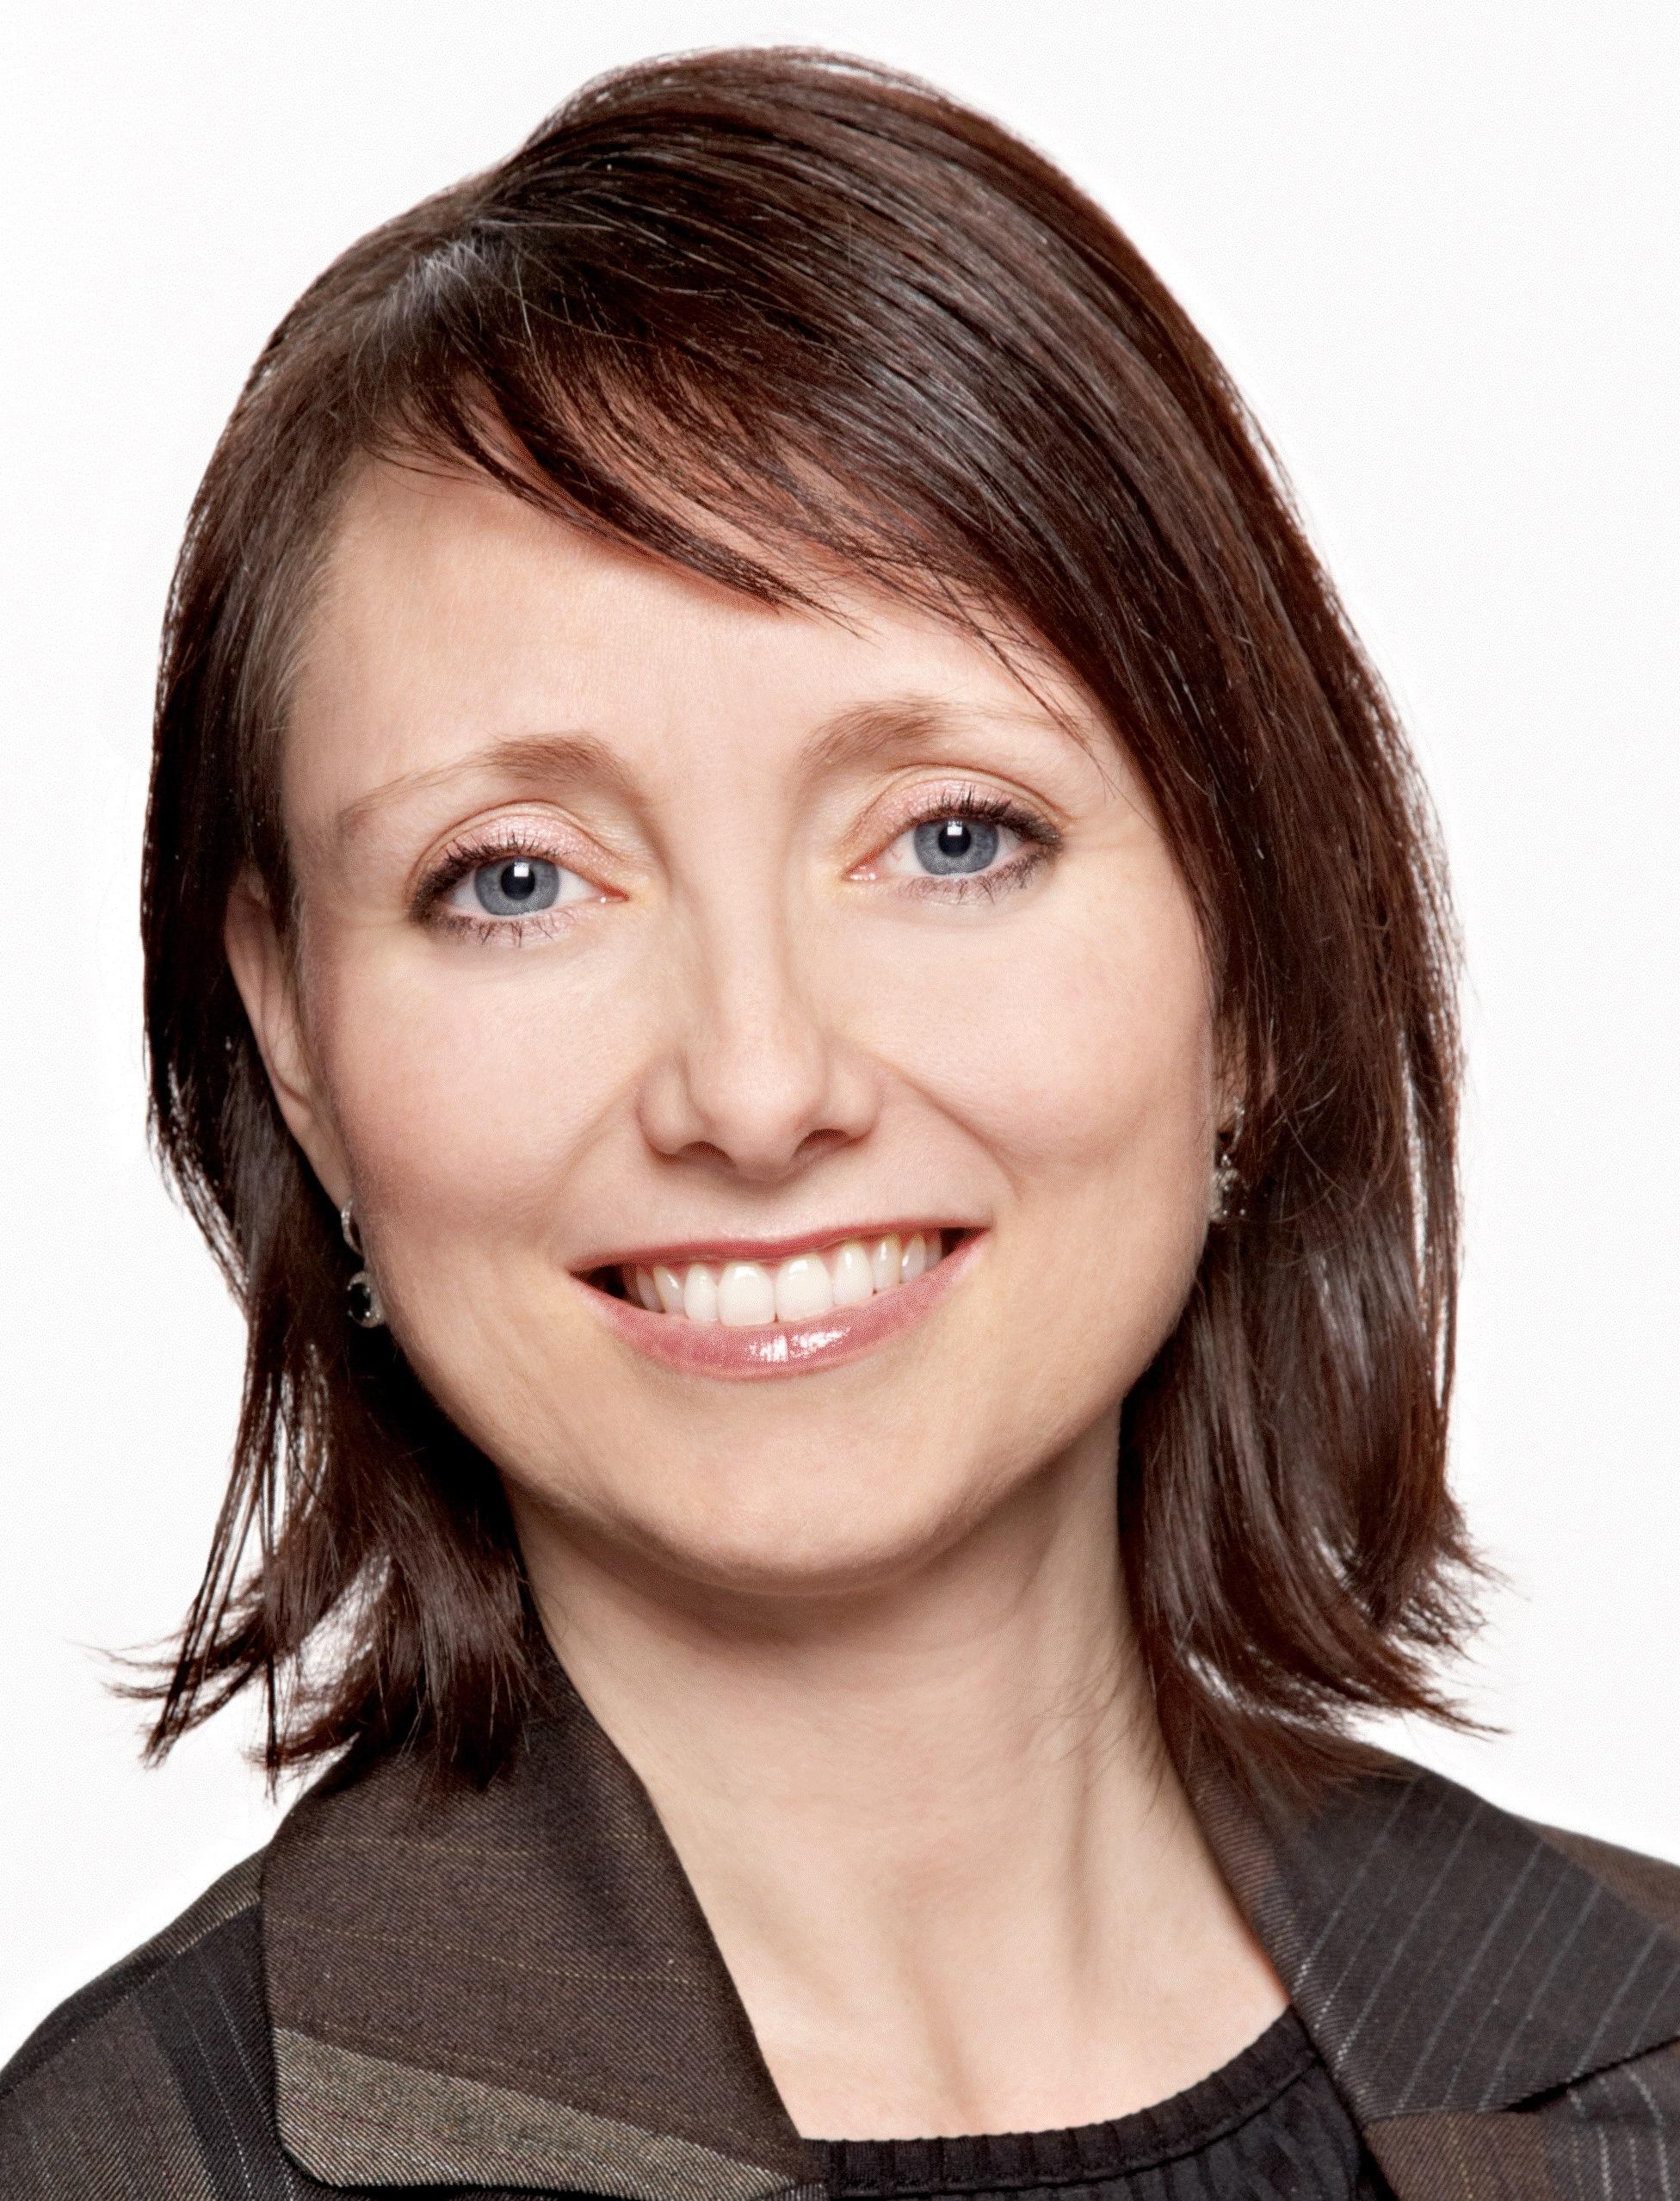 Annabeth Aagaard